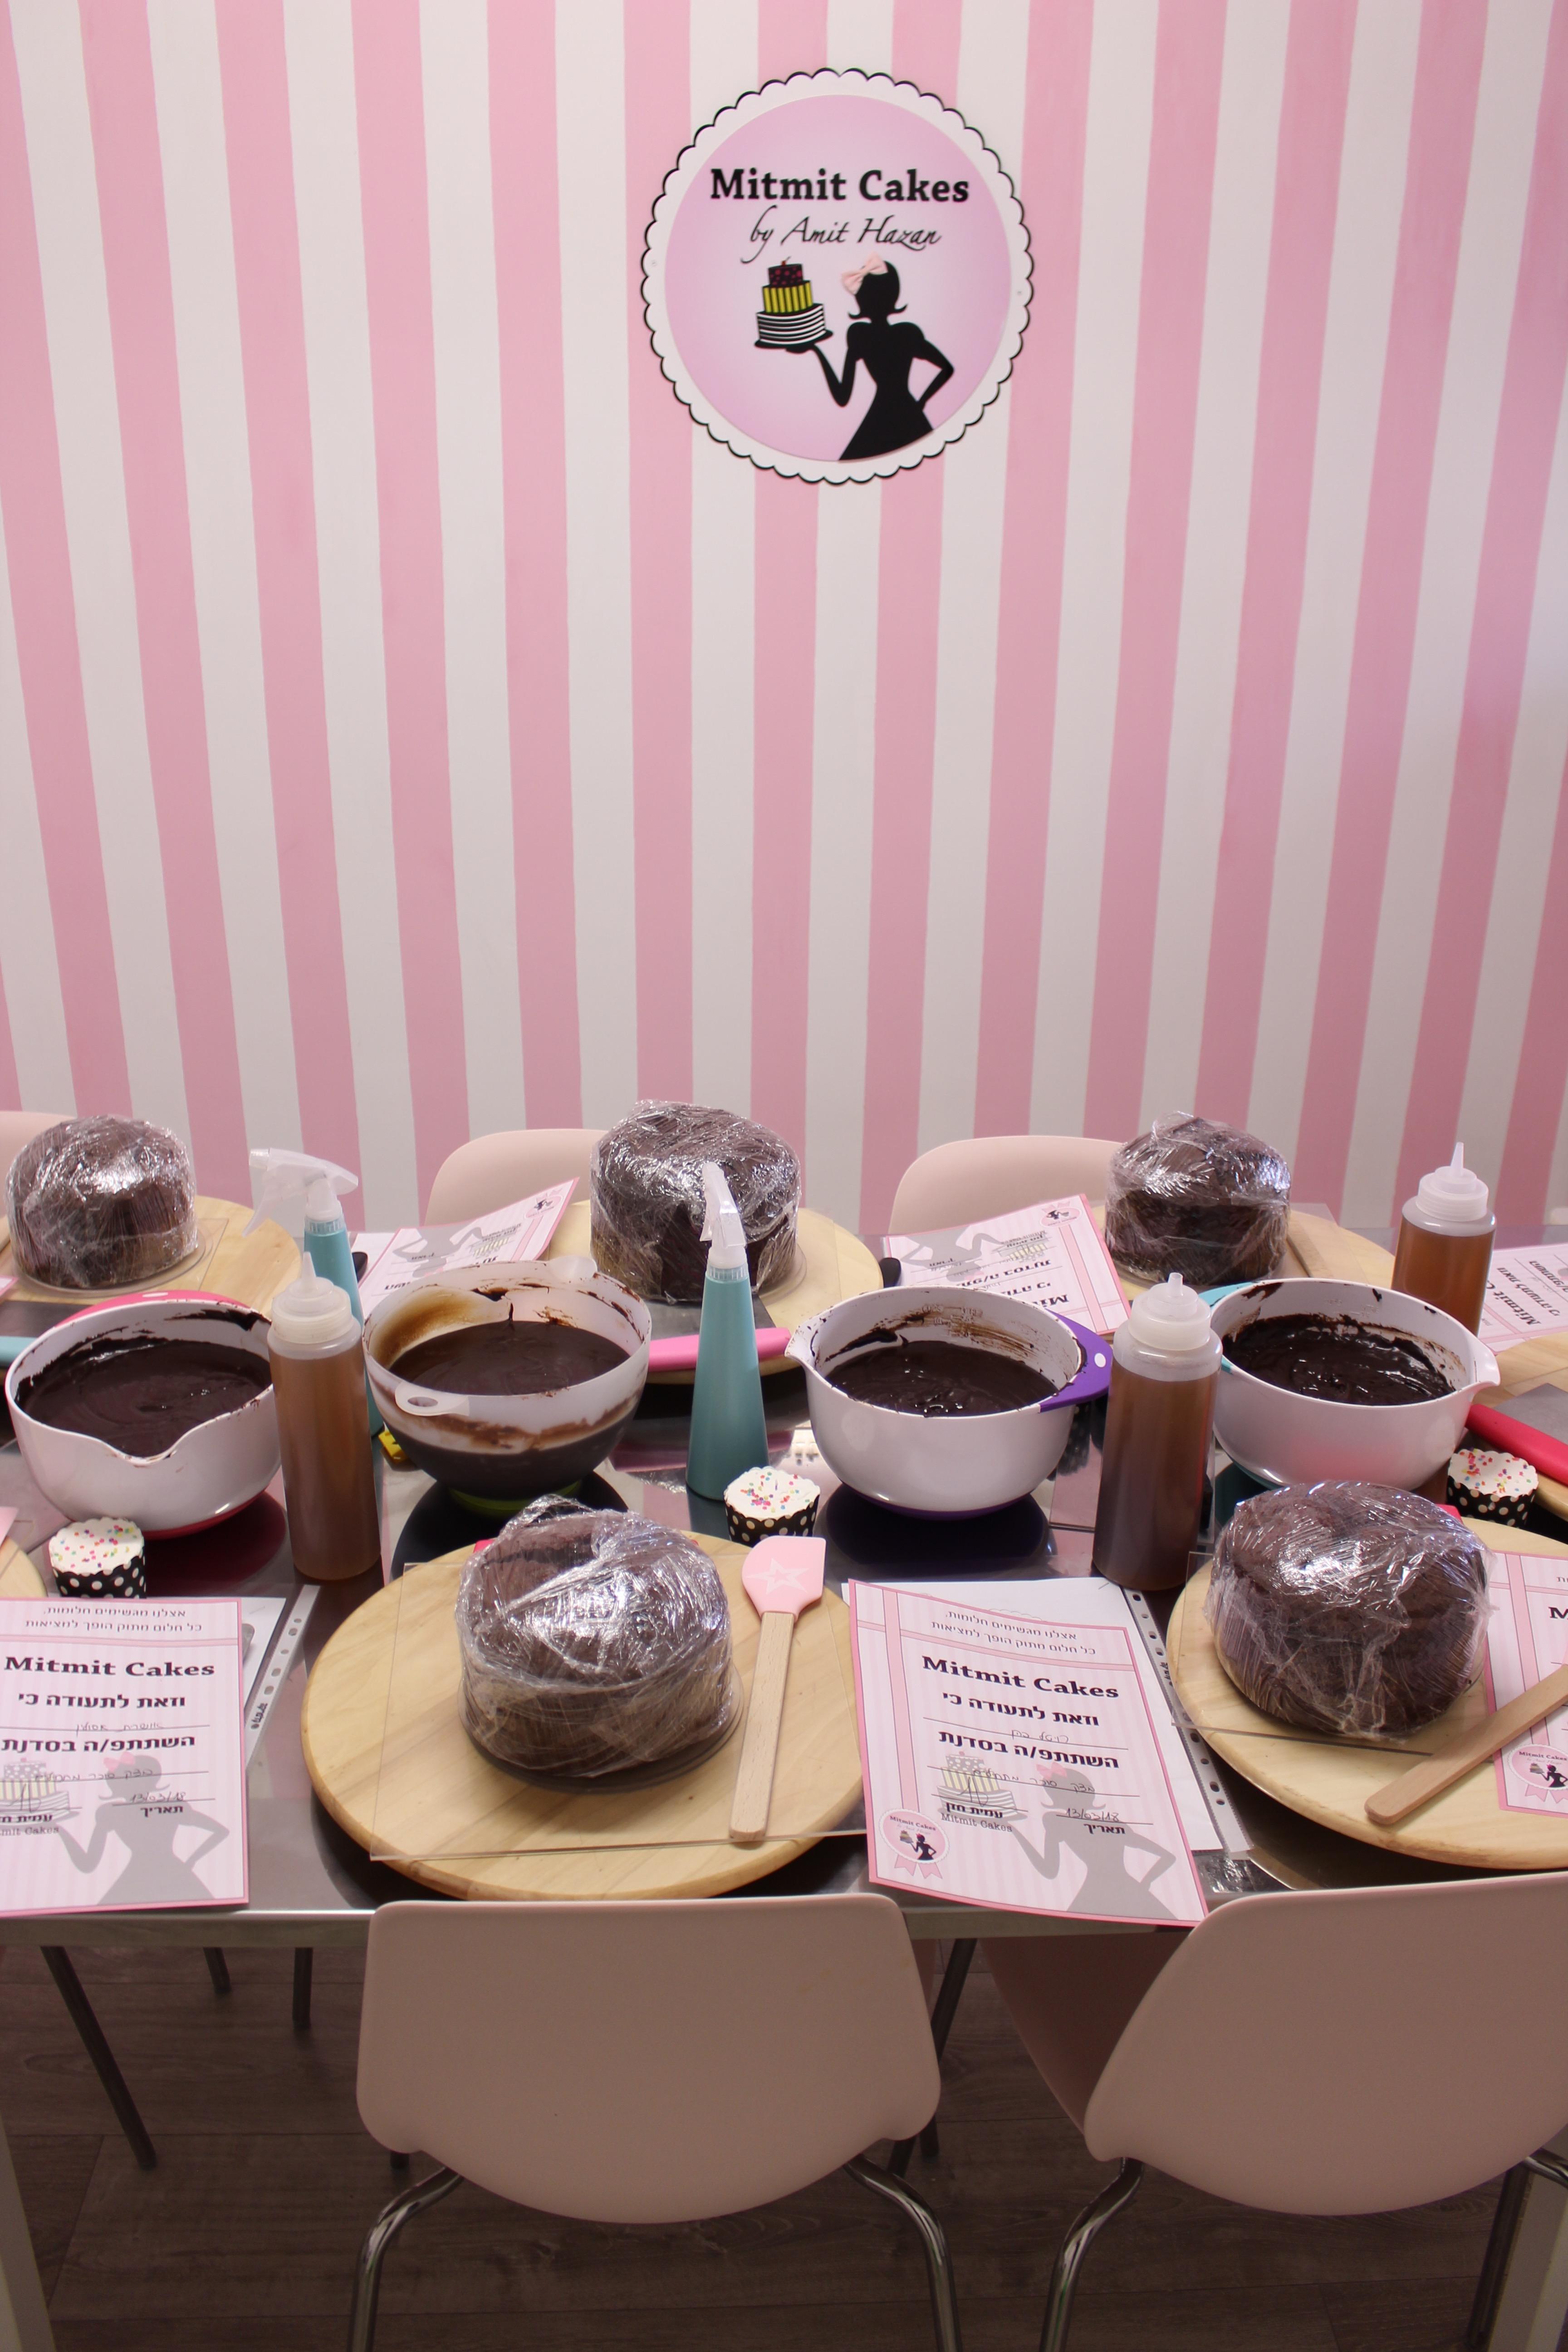 סדנה לעיצוב עוגות בצק סוכר